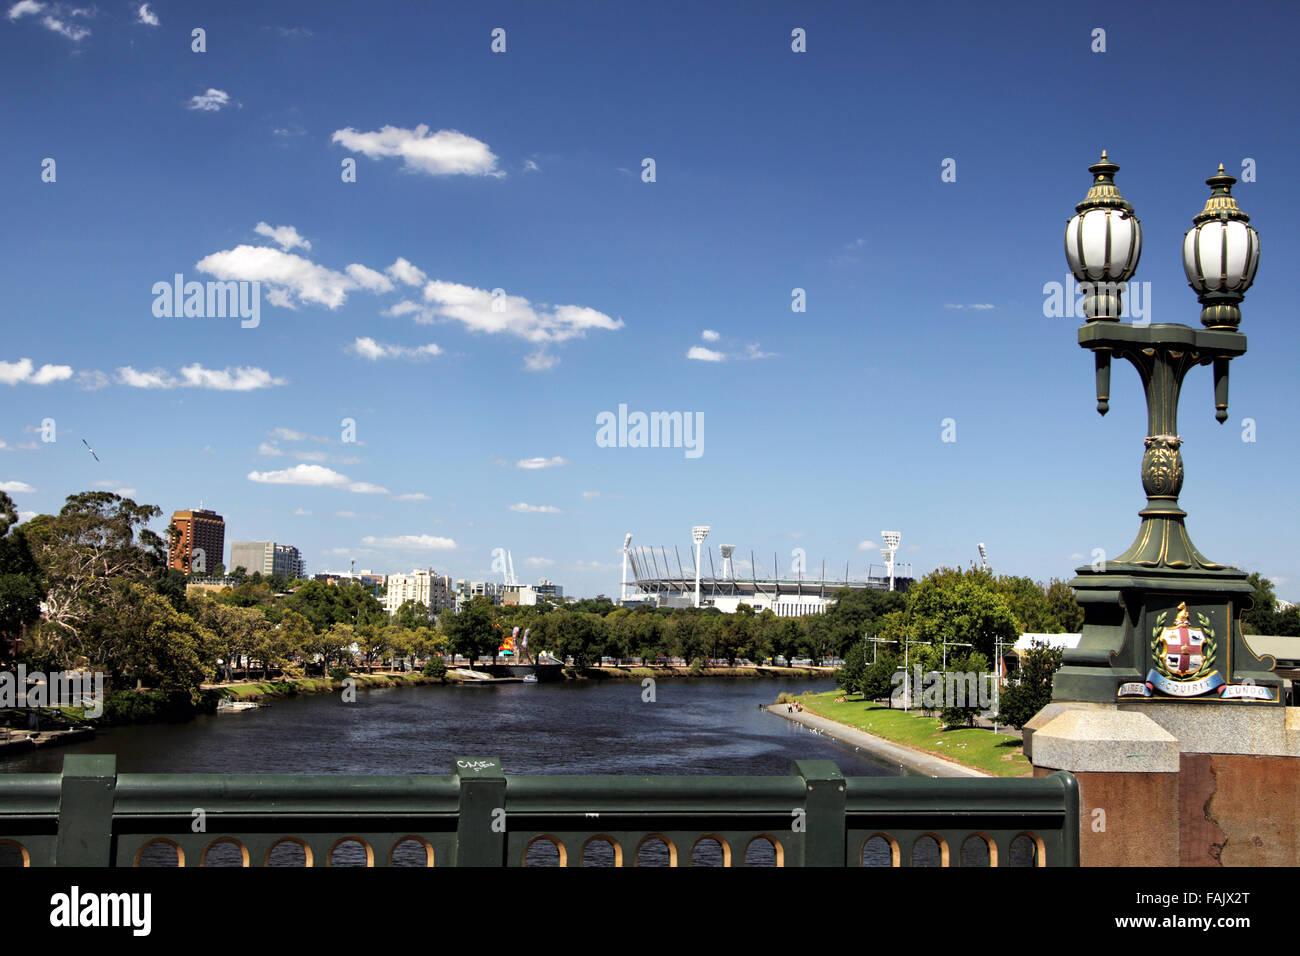 Río Yarra y el Melbourne Cricket Ground, en el centro de Melbourne, Victoria, Australia, en un día soleado de verano. Foto de stock